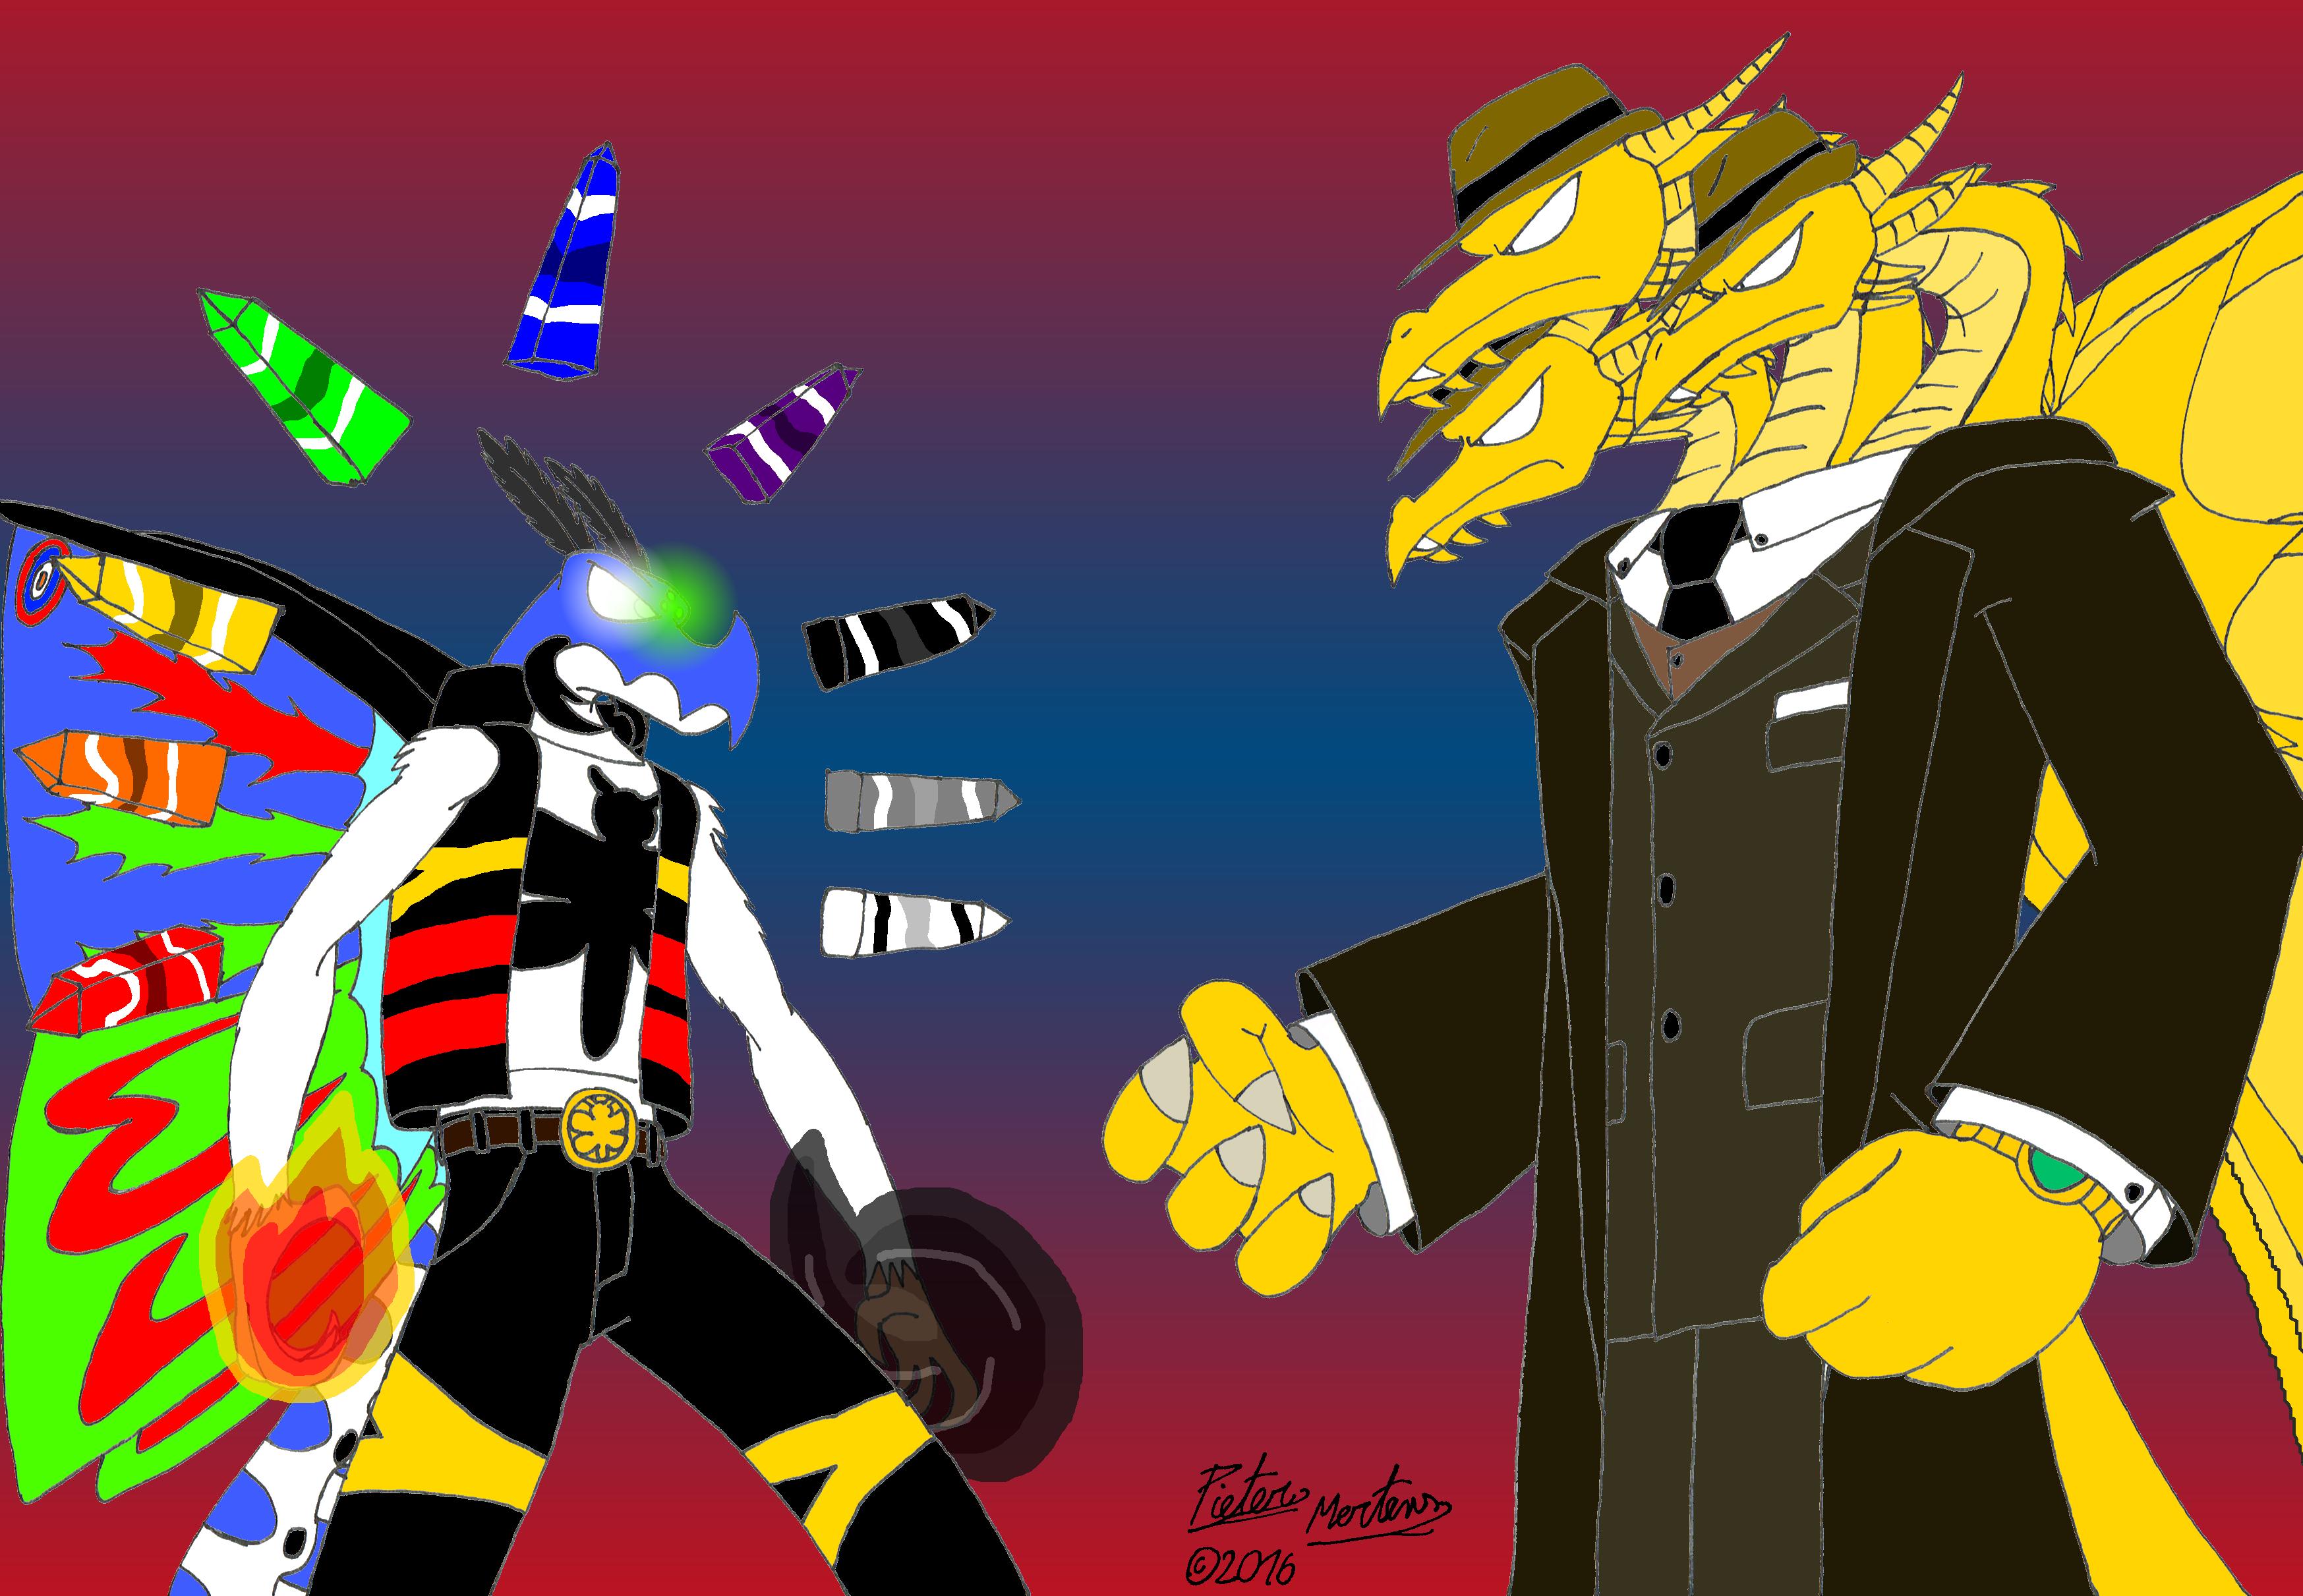 Pubg By Sodano On Deviantart: Ready To Fight. By DragonSnake9989 On DeviantArt